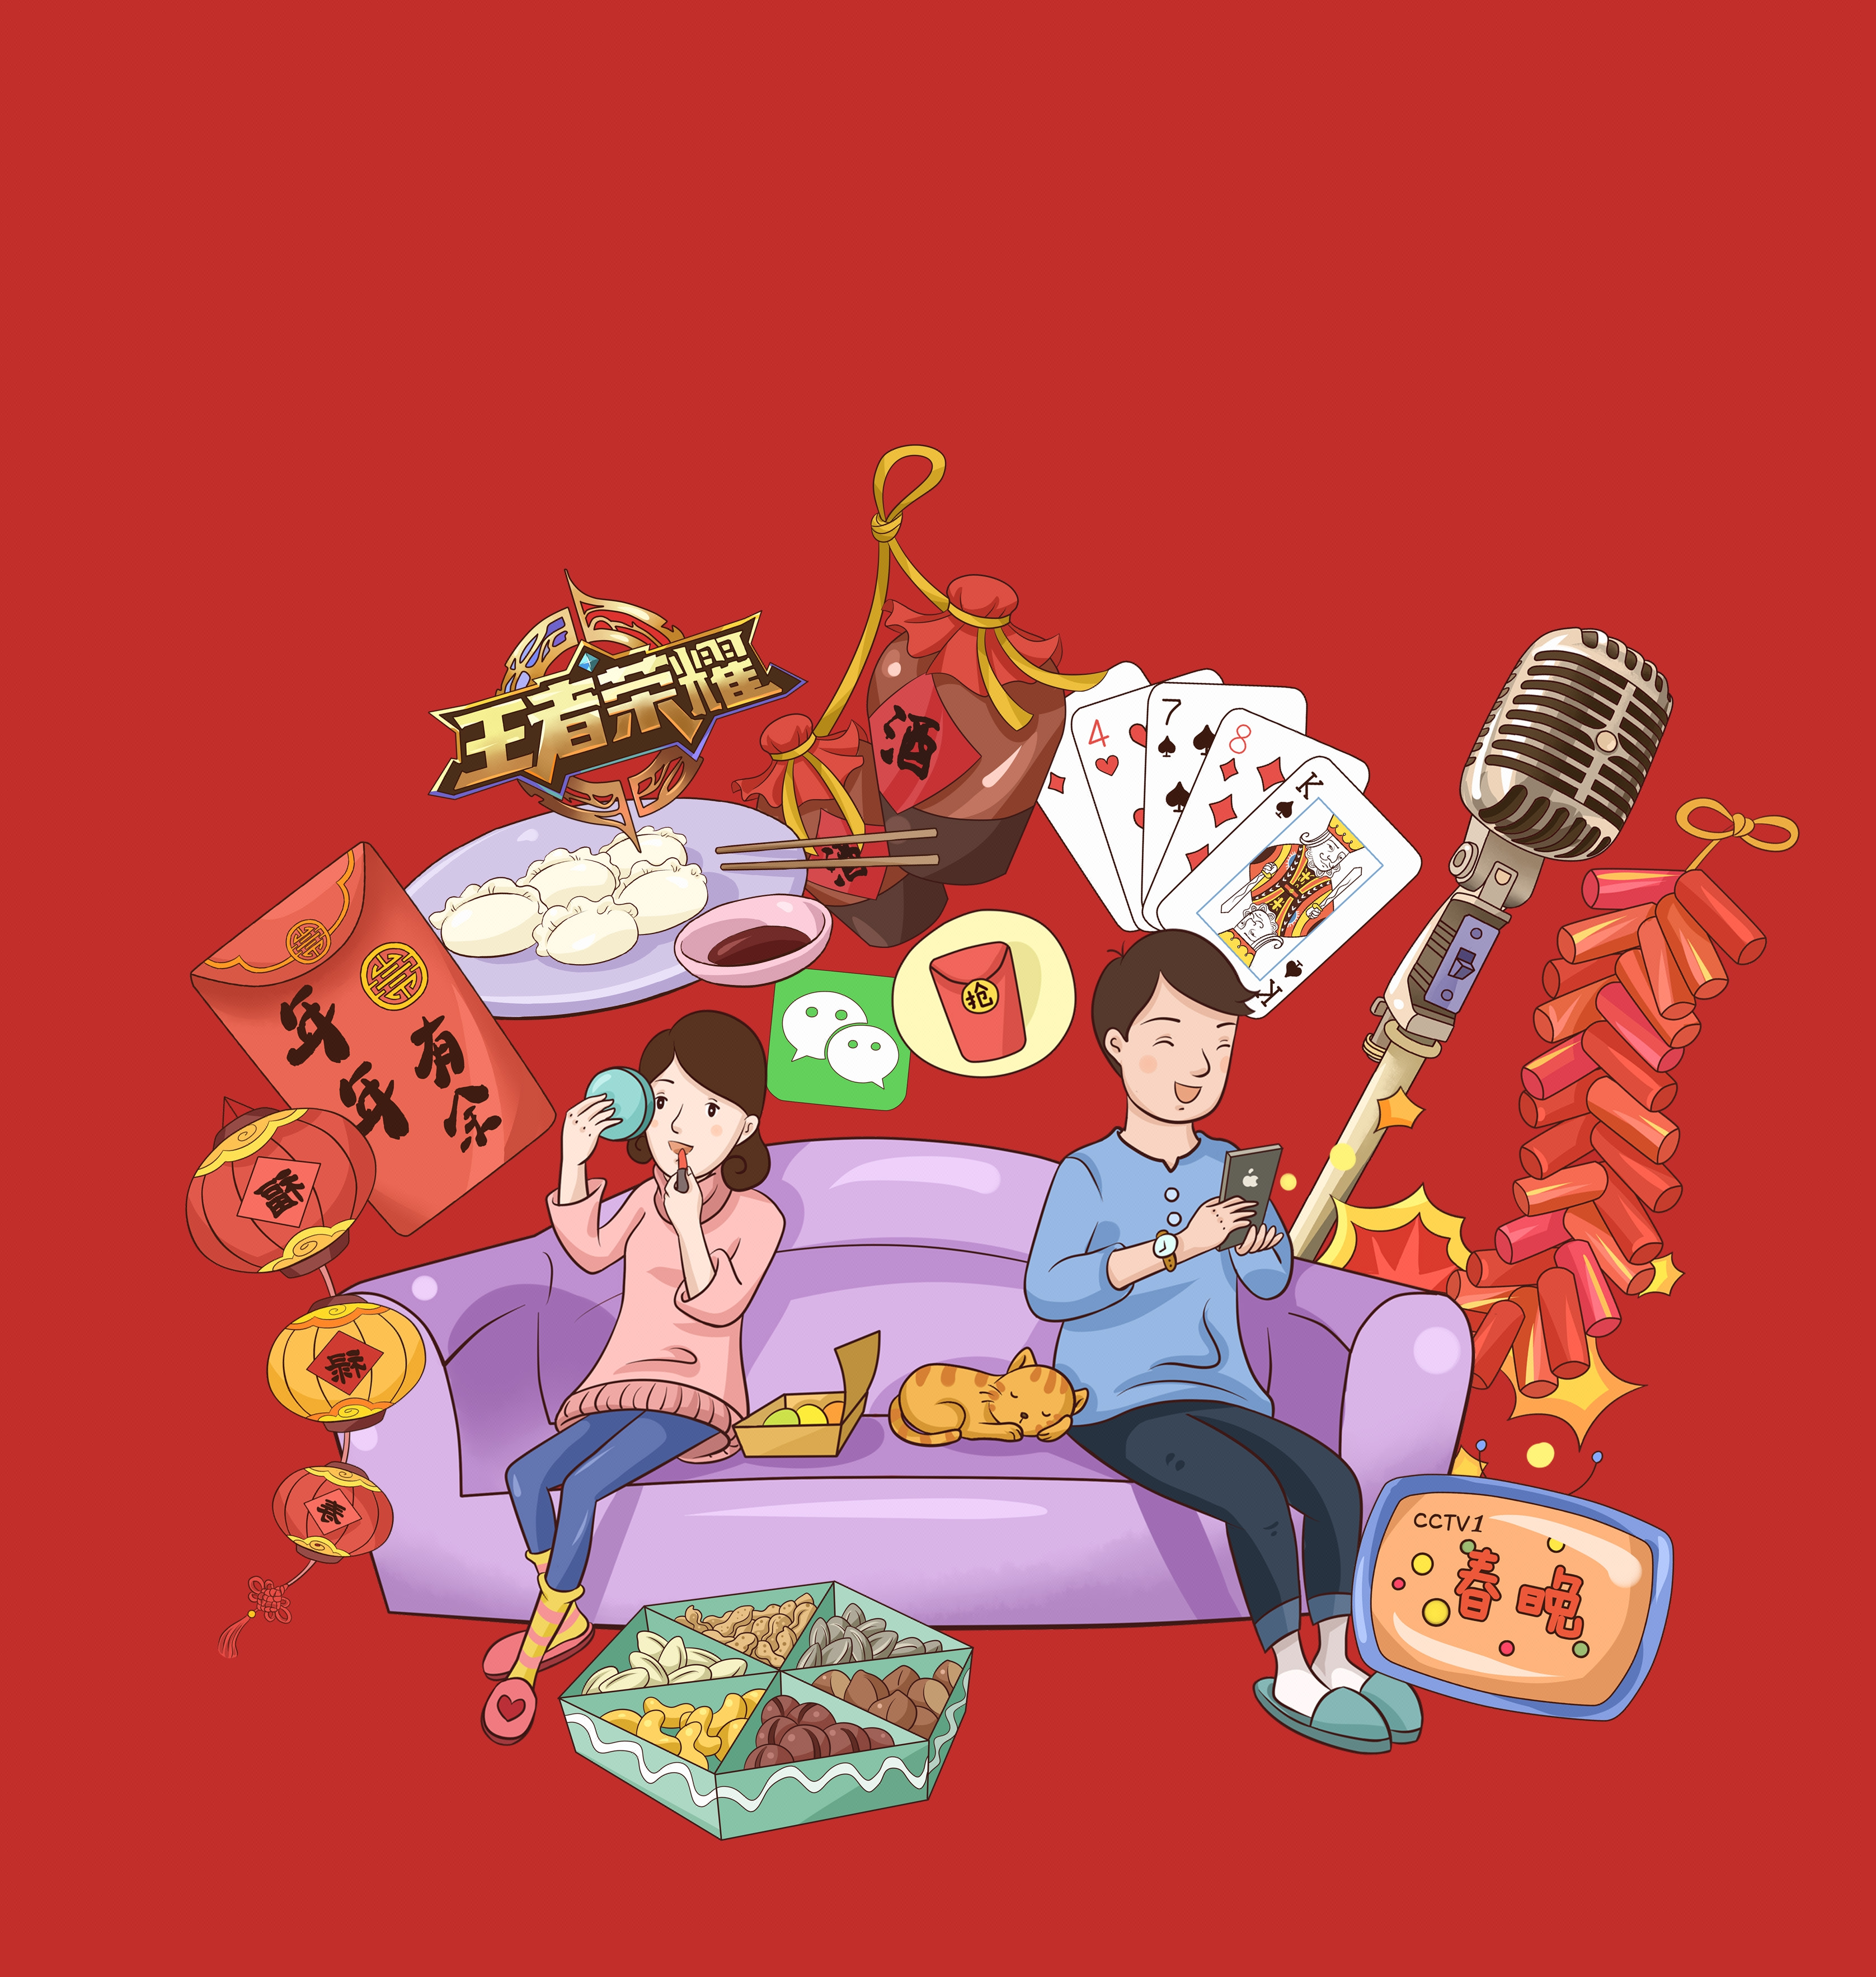 商业插画/产品包装插画/说明图/漫画包装/广告宣传